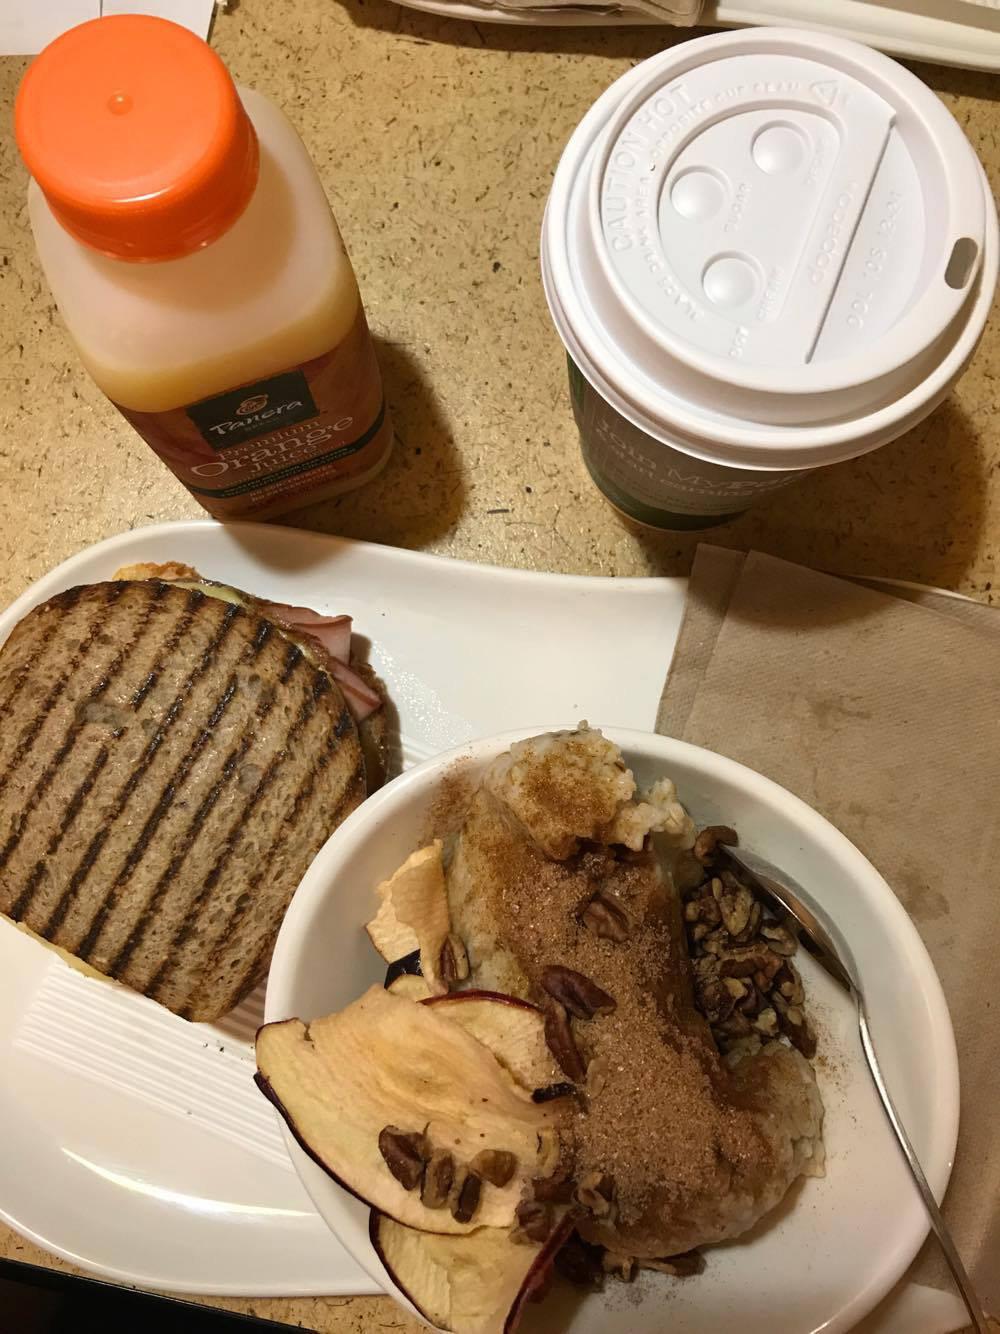 Havregrynsgröt med torkade äppelskivor, pecannötter, kanel och socker. Rostad macka med ägg, skinka och ost. Juice och kaffe.